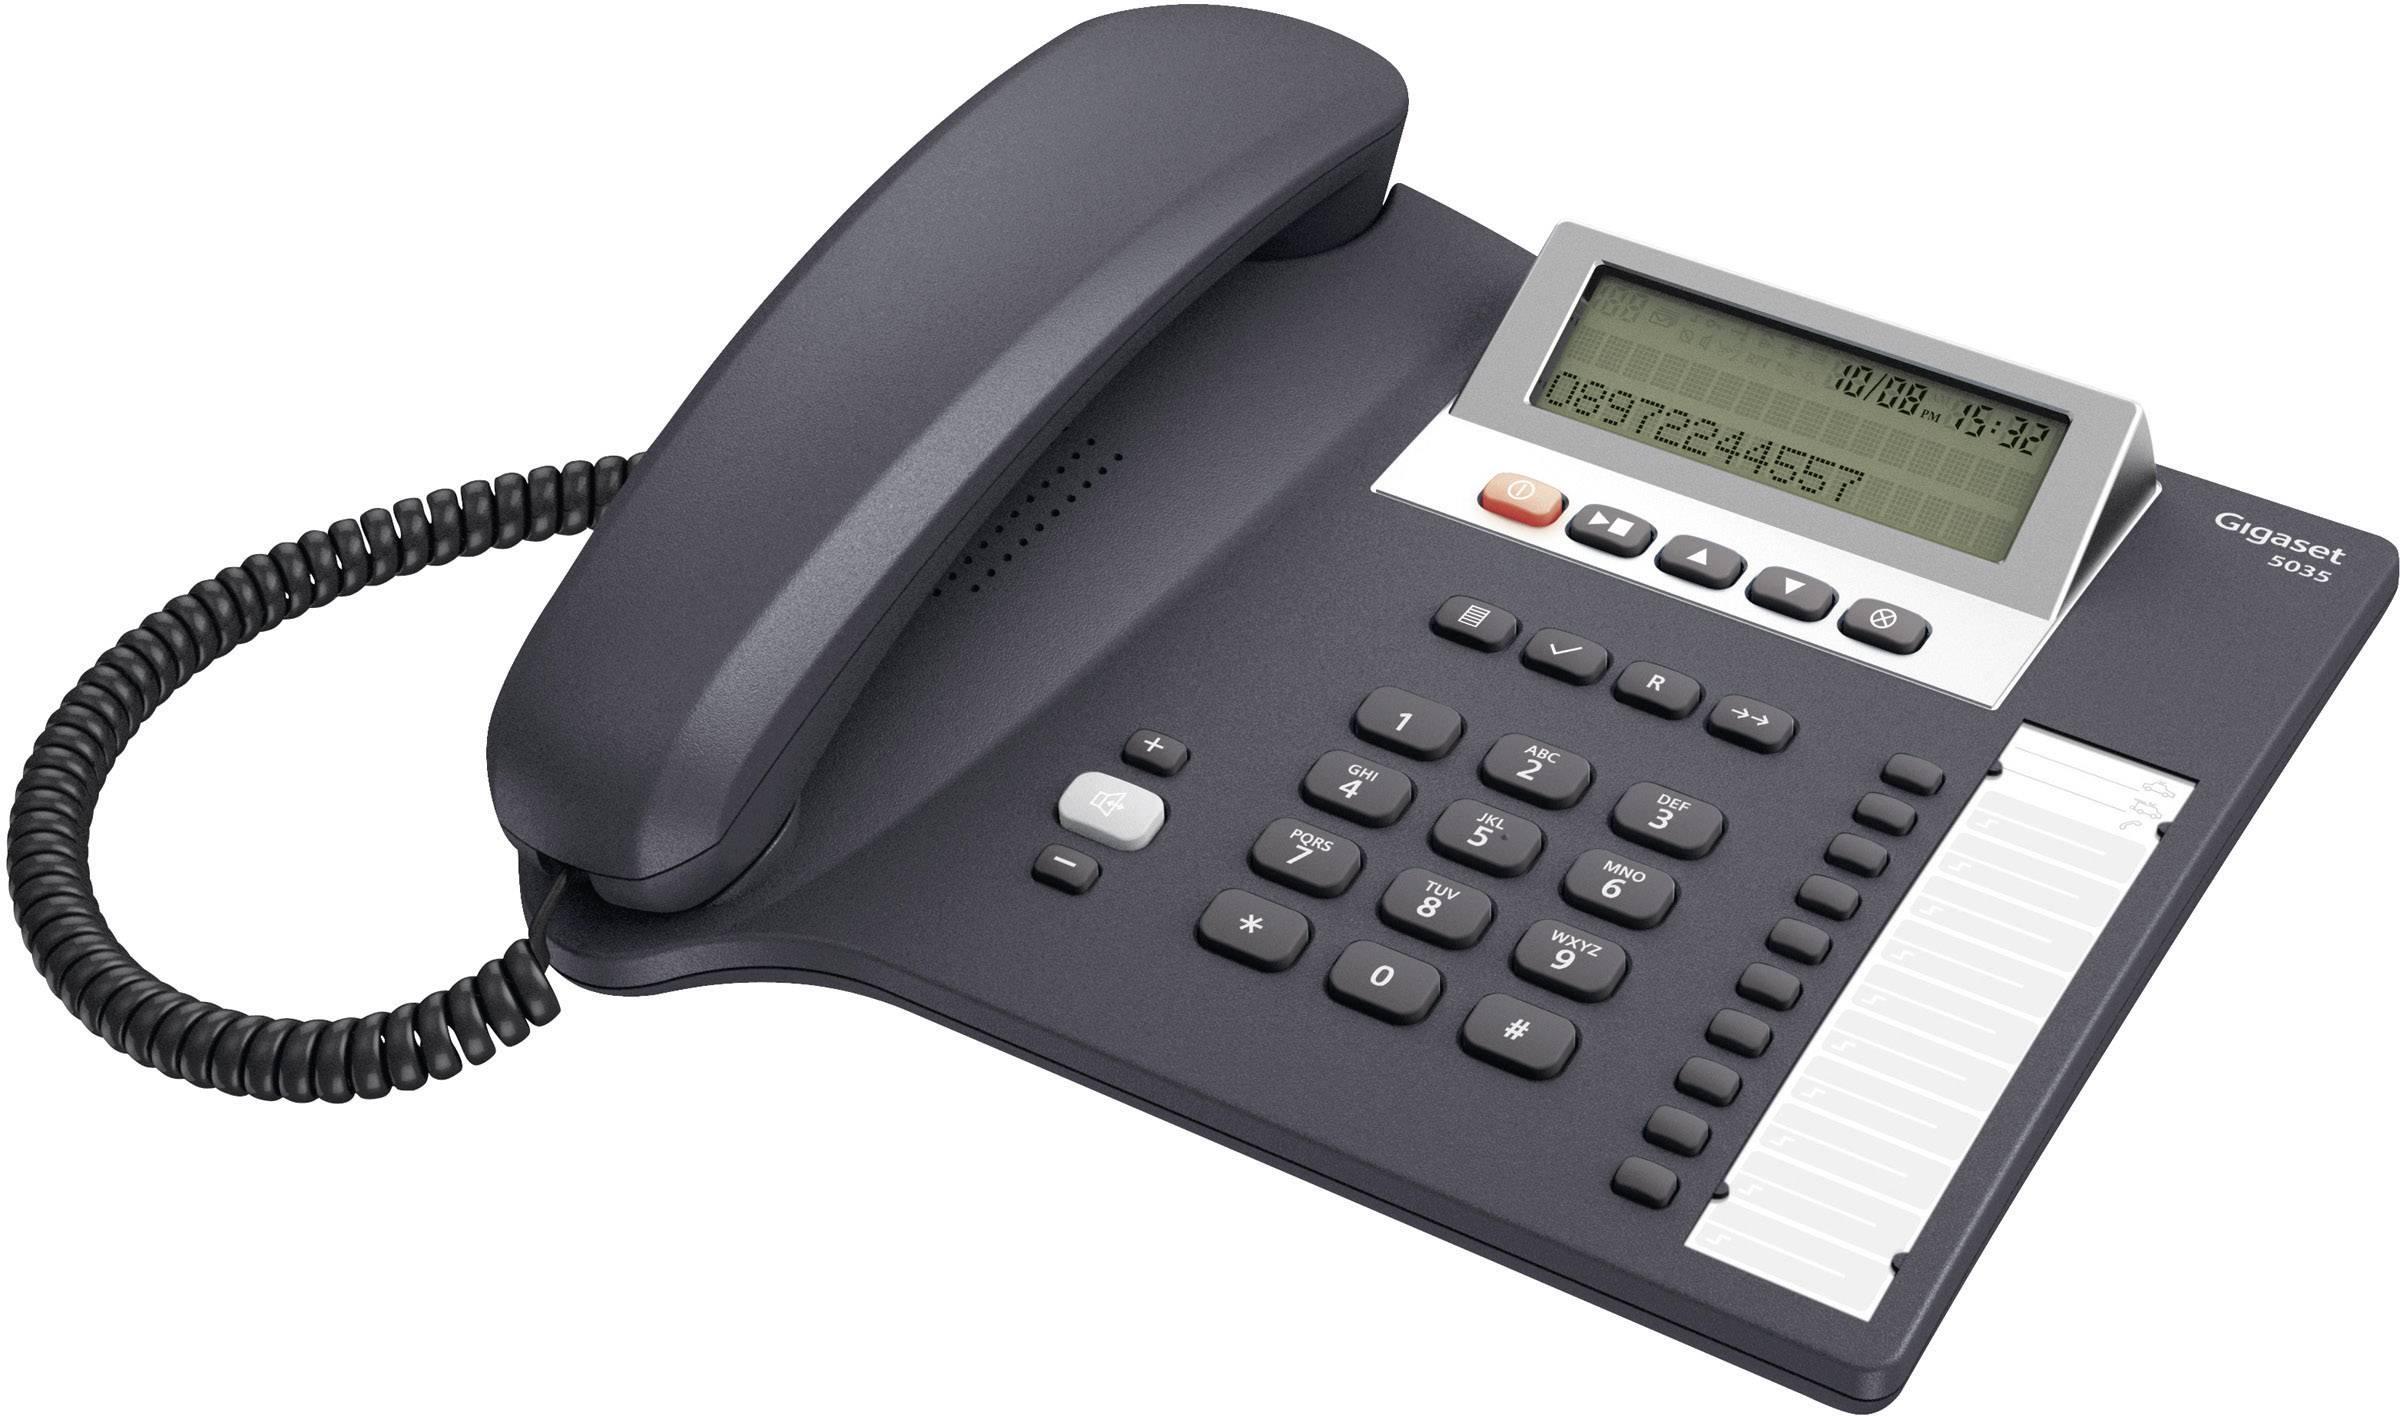 Šnúrové telefóny